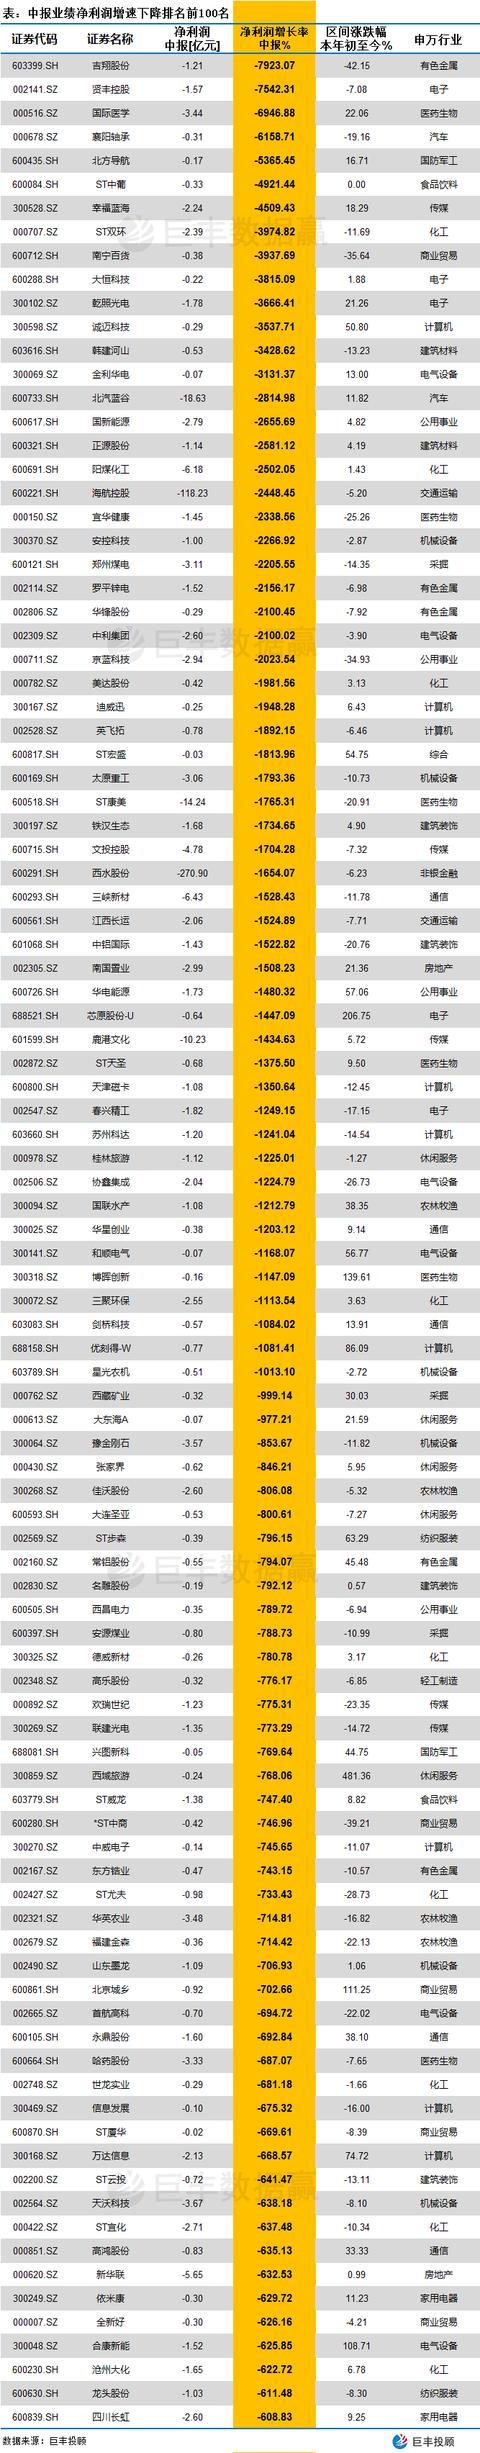 表:中报业绩净利润增速下降排名前100名